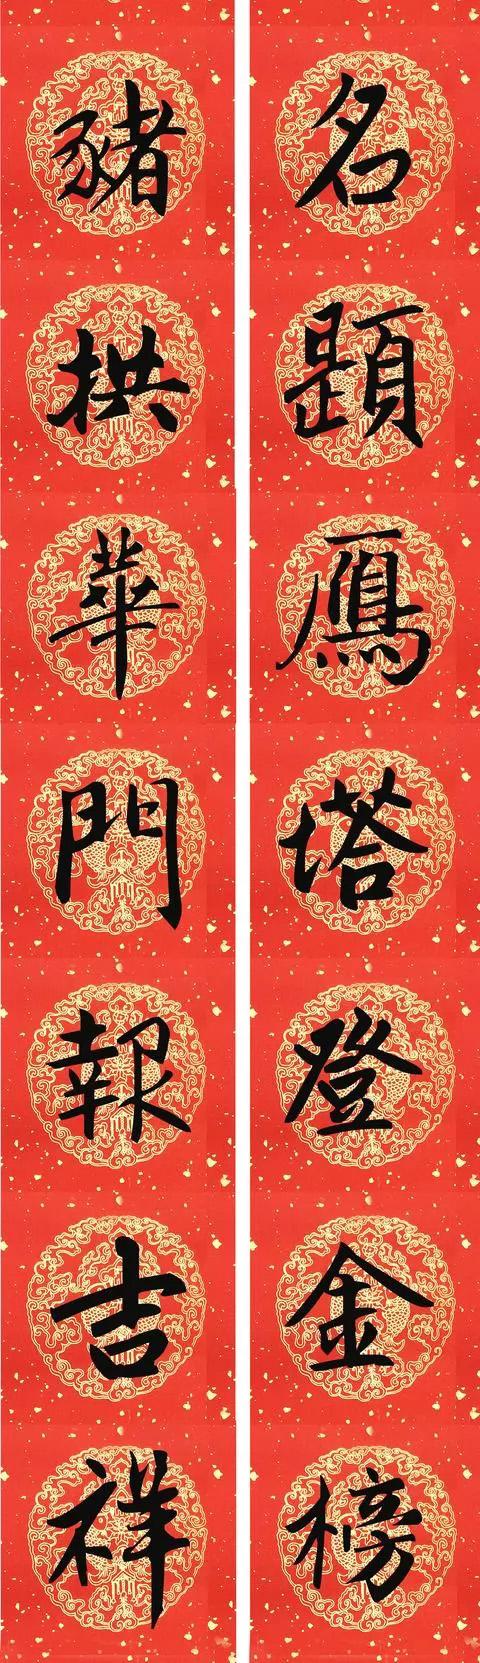 2019猪年赵孟頫集字春联13副(附横批)_书法专题_书法图片